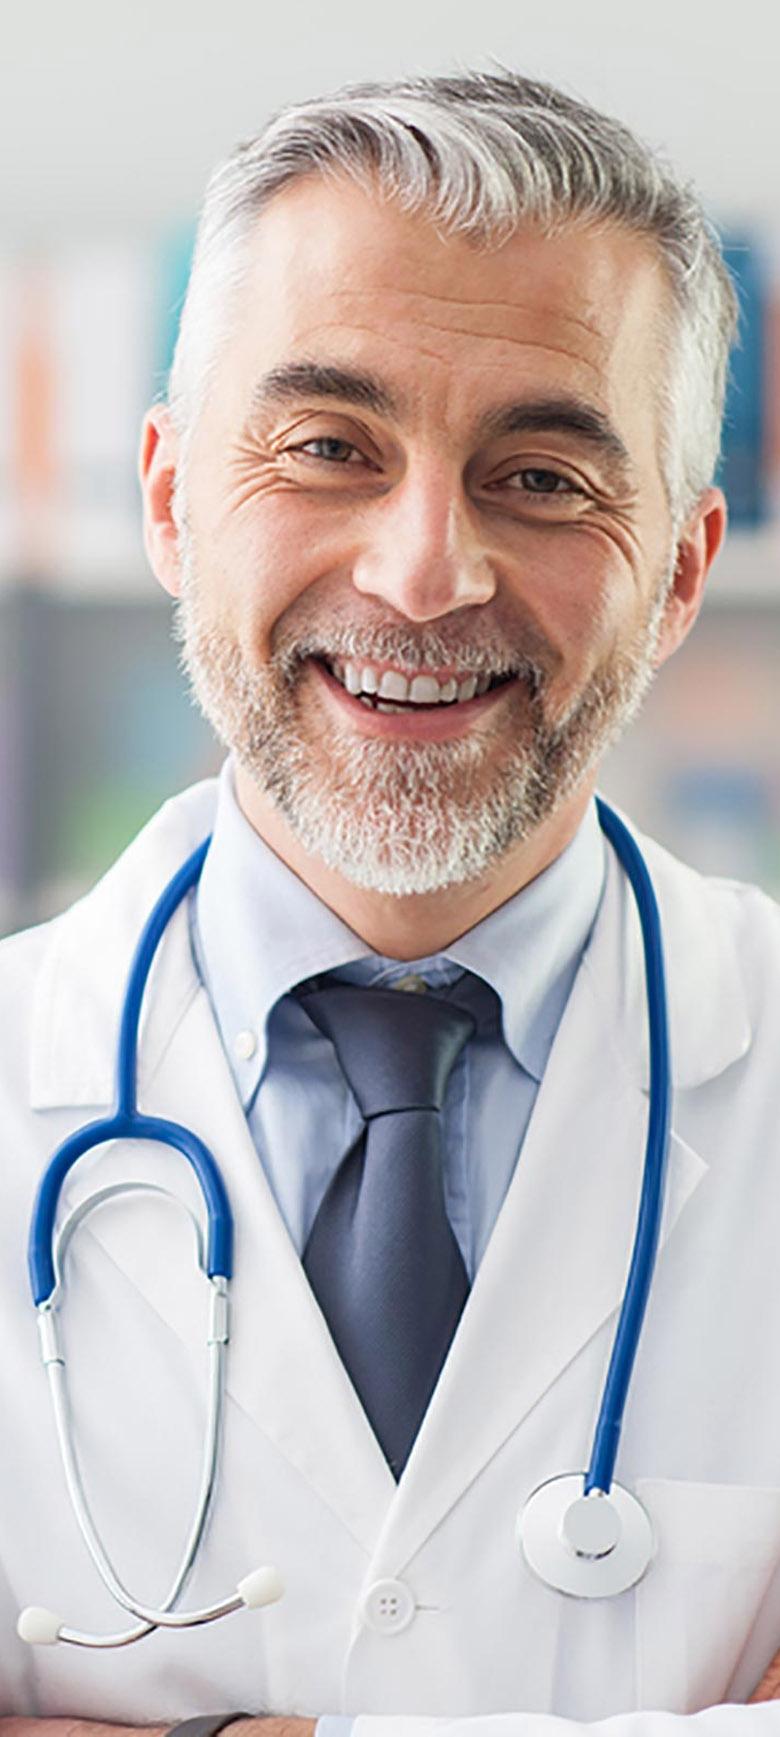 medico-corporativo